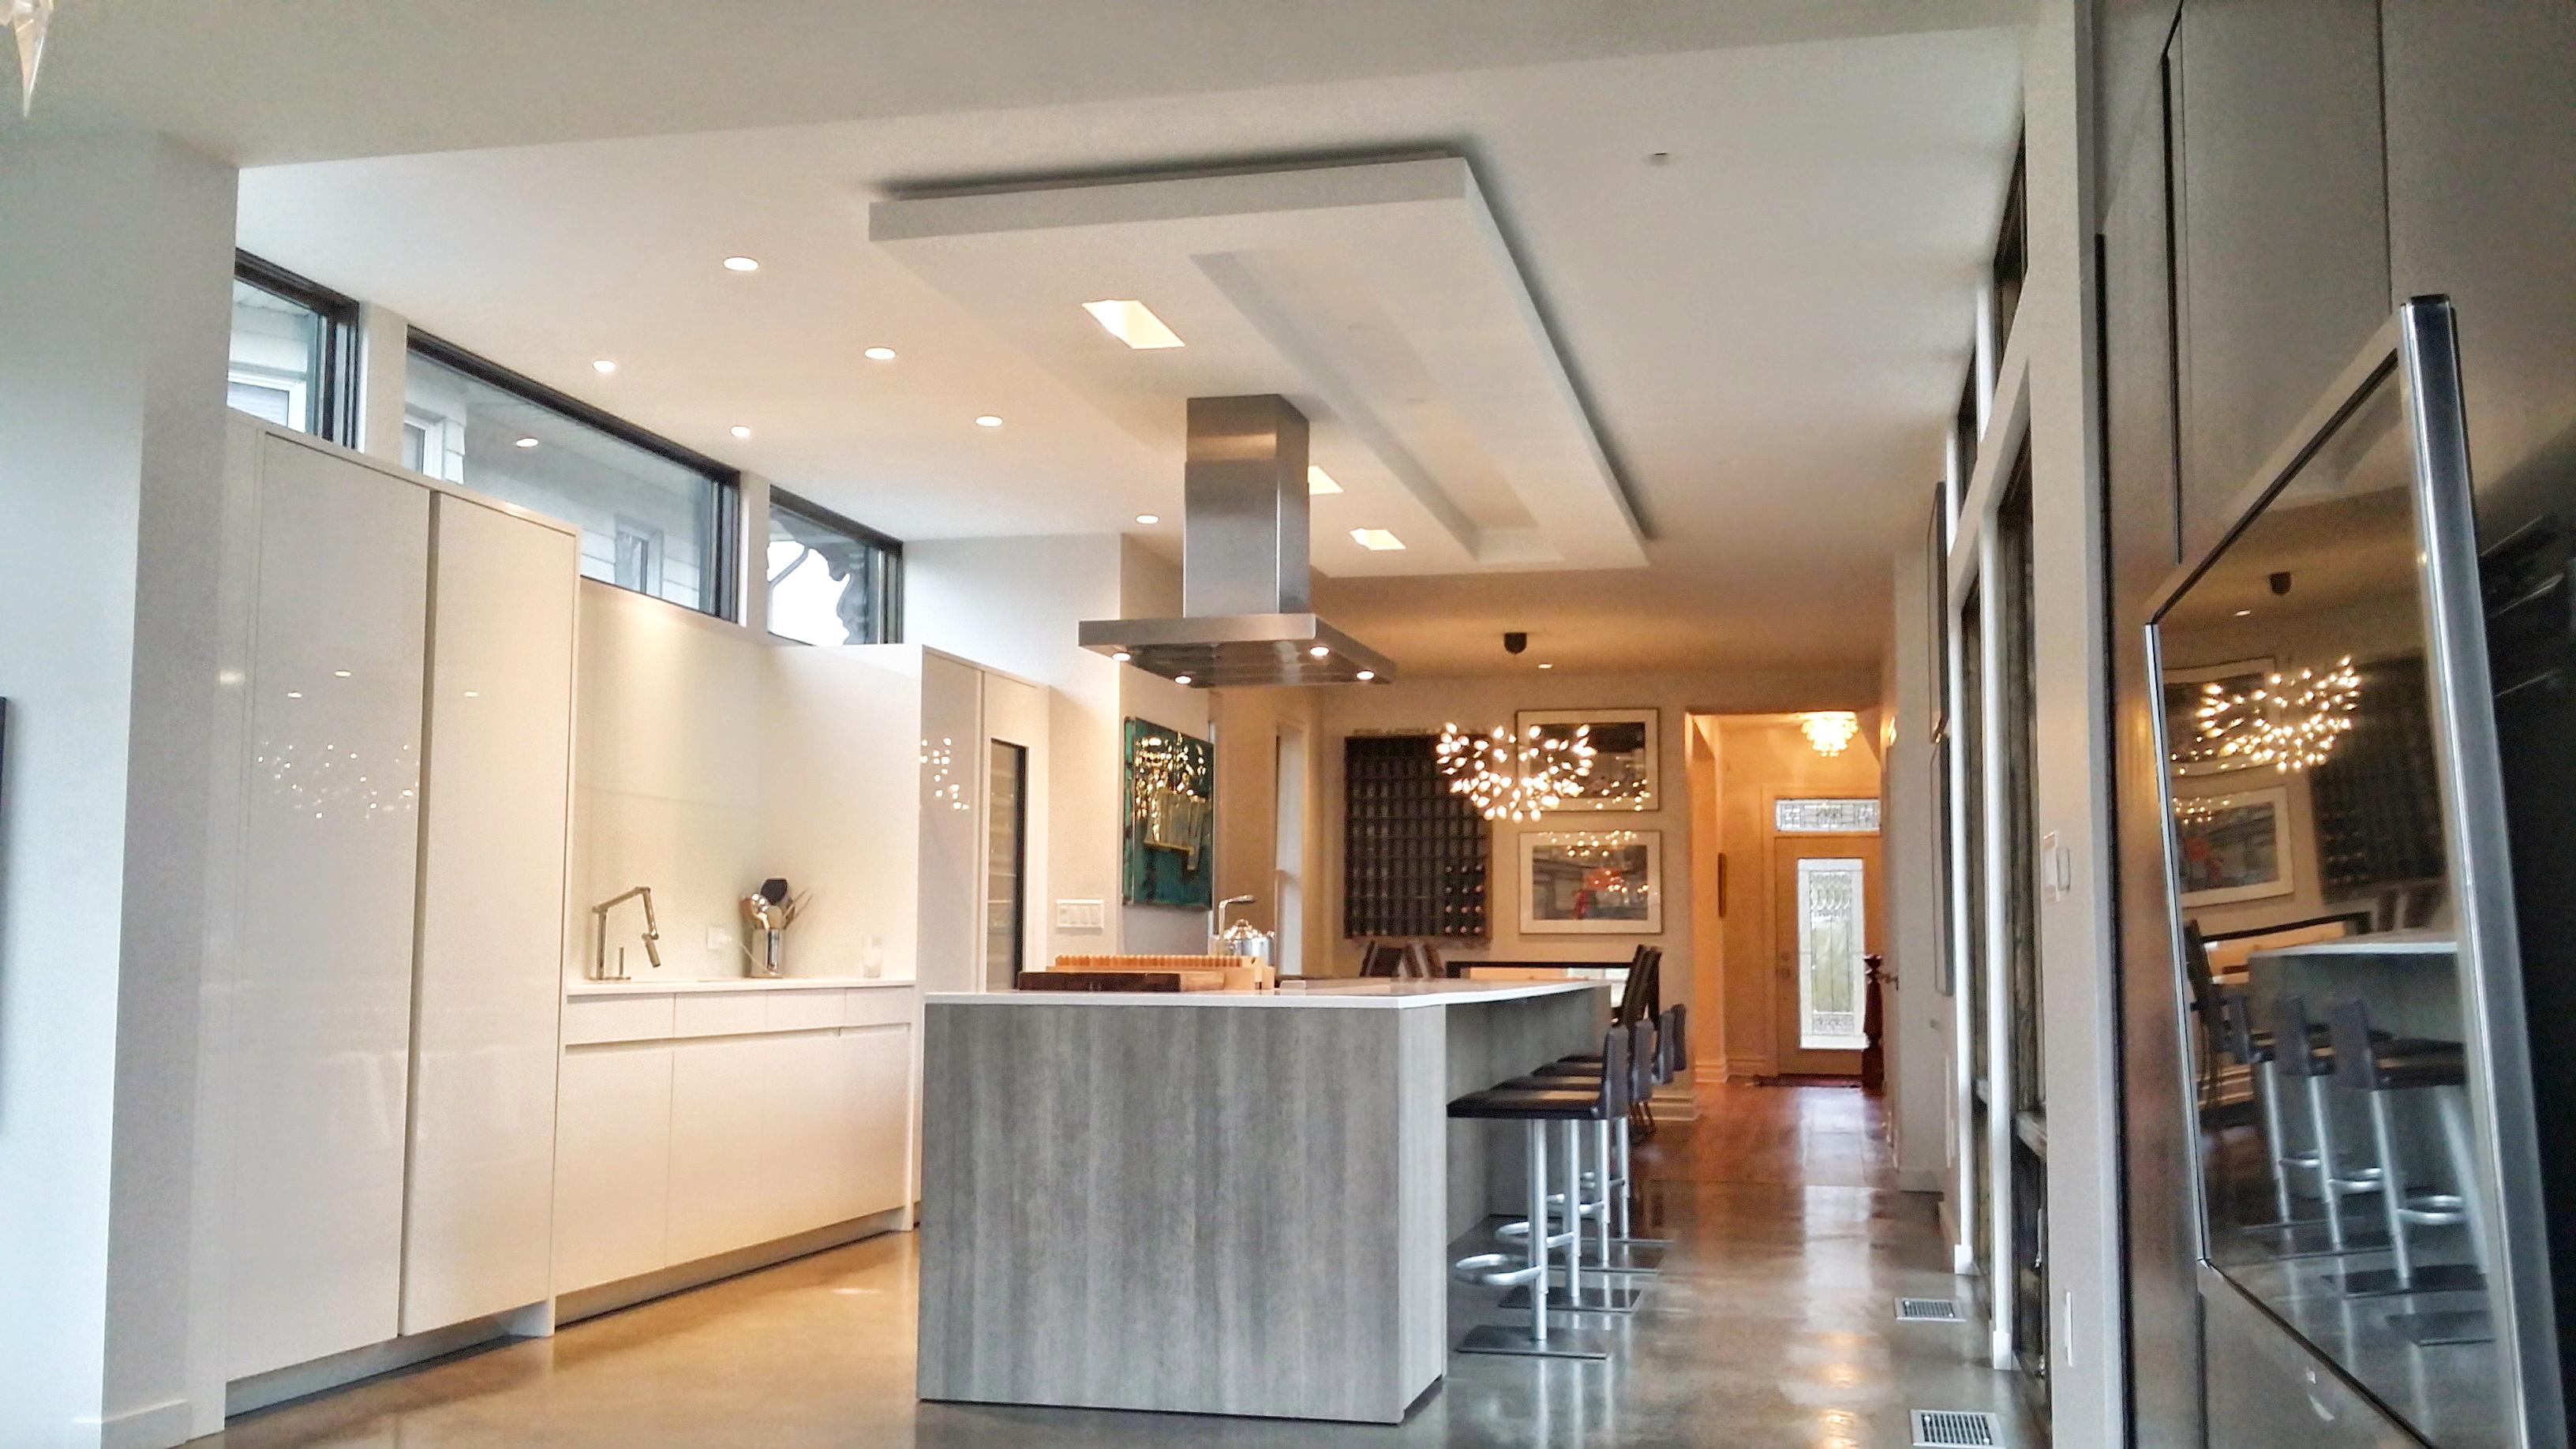 Danville Pa Kitchen Cabinets Leicht New York